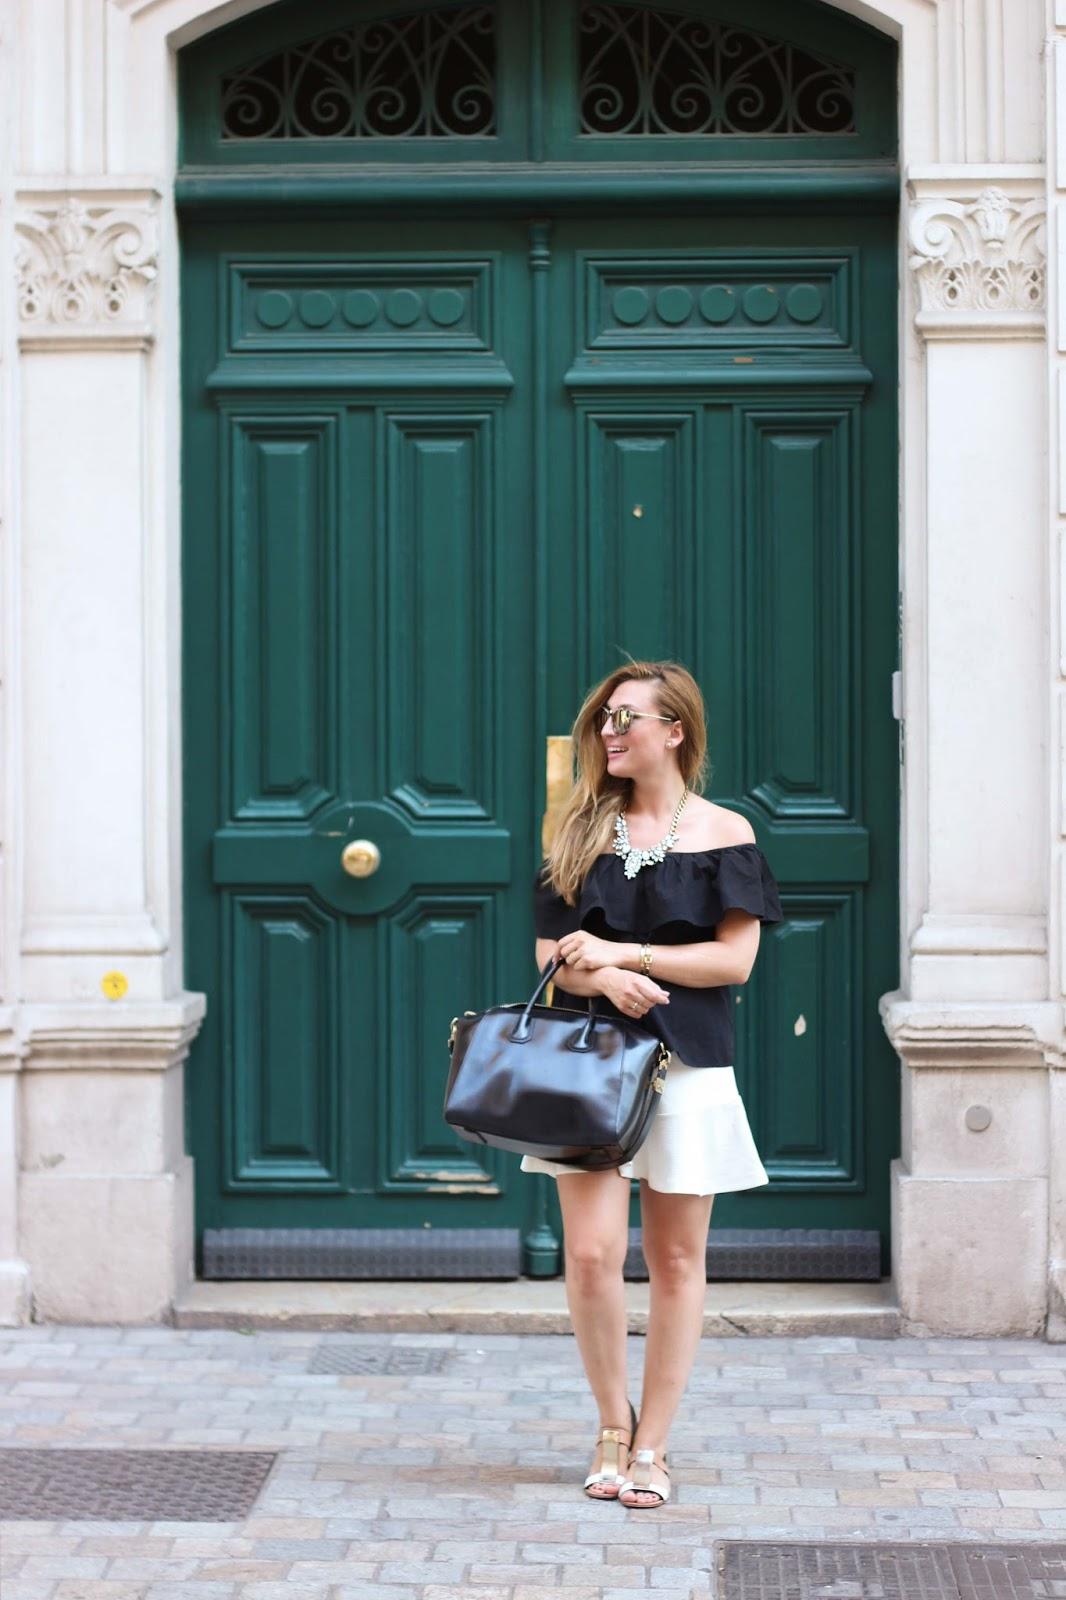 Fashionstylebyjohanna-Sommerlook-Cannes-Blogger im weißen Rock-Blogger aus Deutschland-Dseutsche Fashionblogger- Fashionblogger aus deutschland- Frankfurt Blogger -Blogger aus Frankfurt-OffShoulder Top.